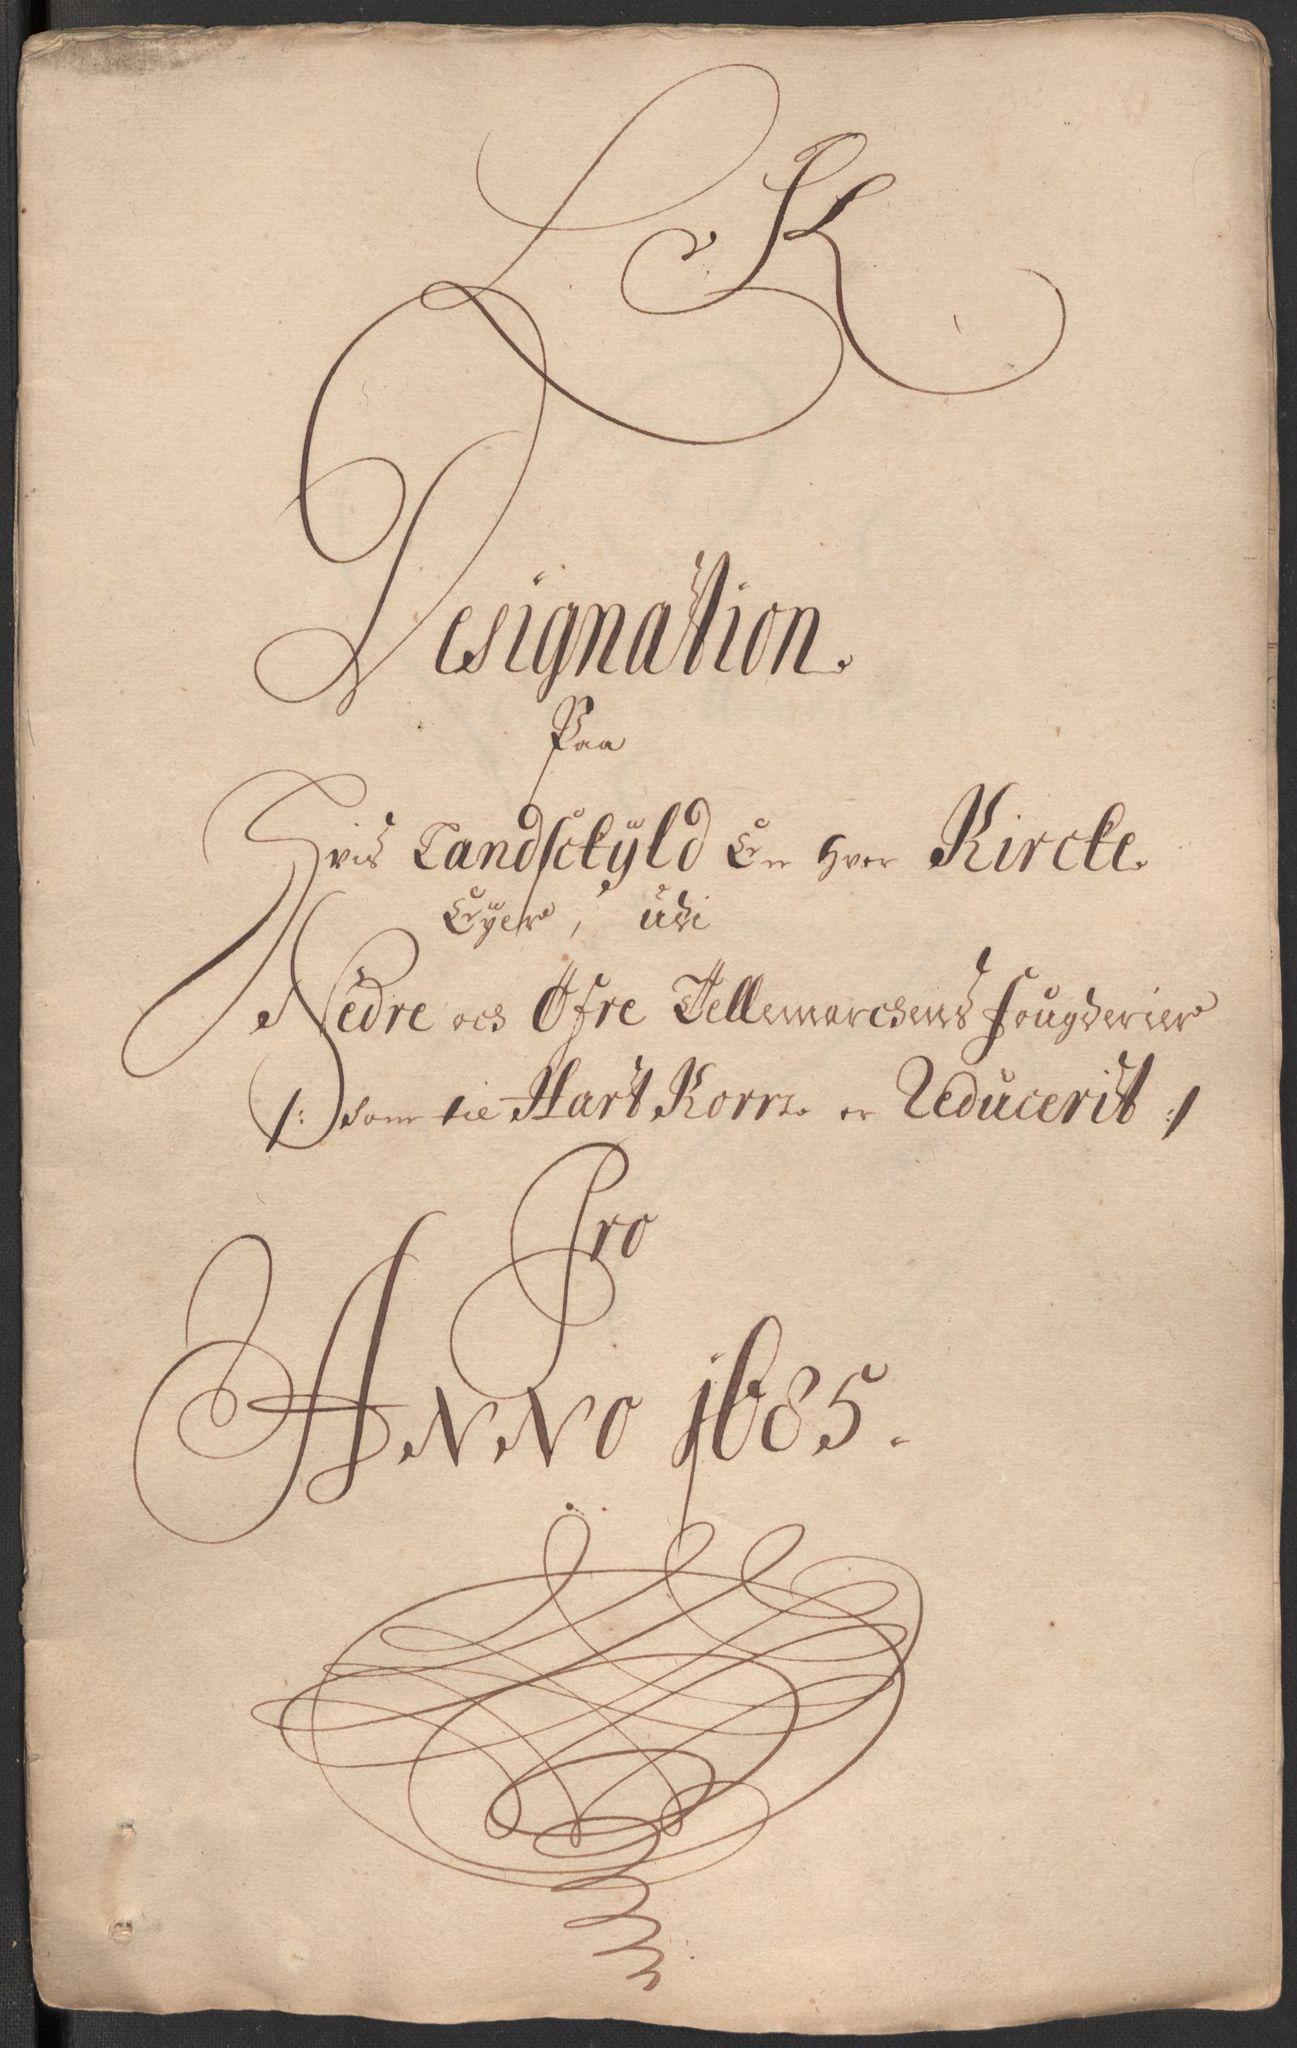 RA, Rentekammeret inntil 1814, Reviderte regnskaper, Fogderegnskap, R35/L2082: Fogderegnskap Øvre og Nedre Telemark, 1685, s. 308